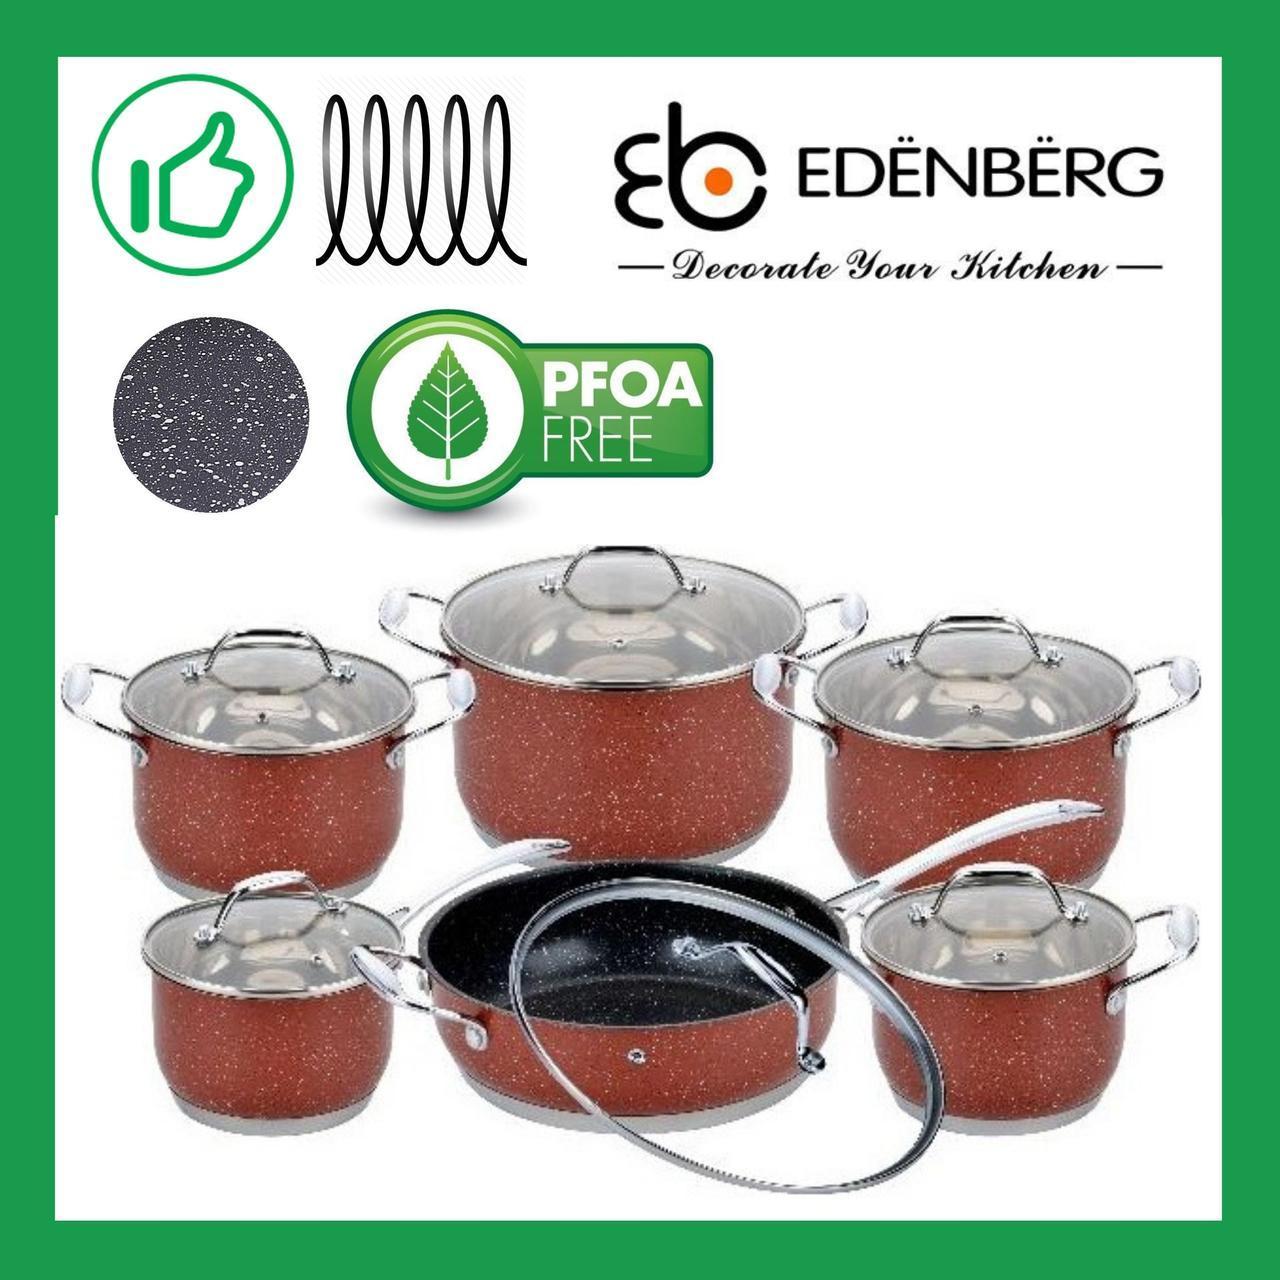 Набор посуды Edenberg из нержавеющей стали с мраморным антипригарным покрытием 12 предметов (EB-4045)